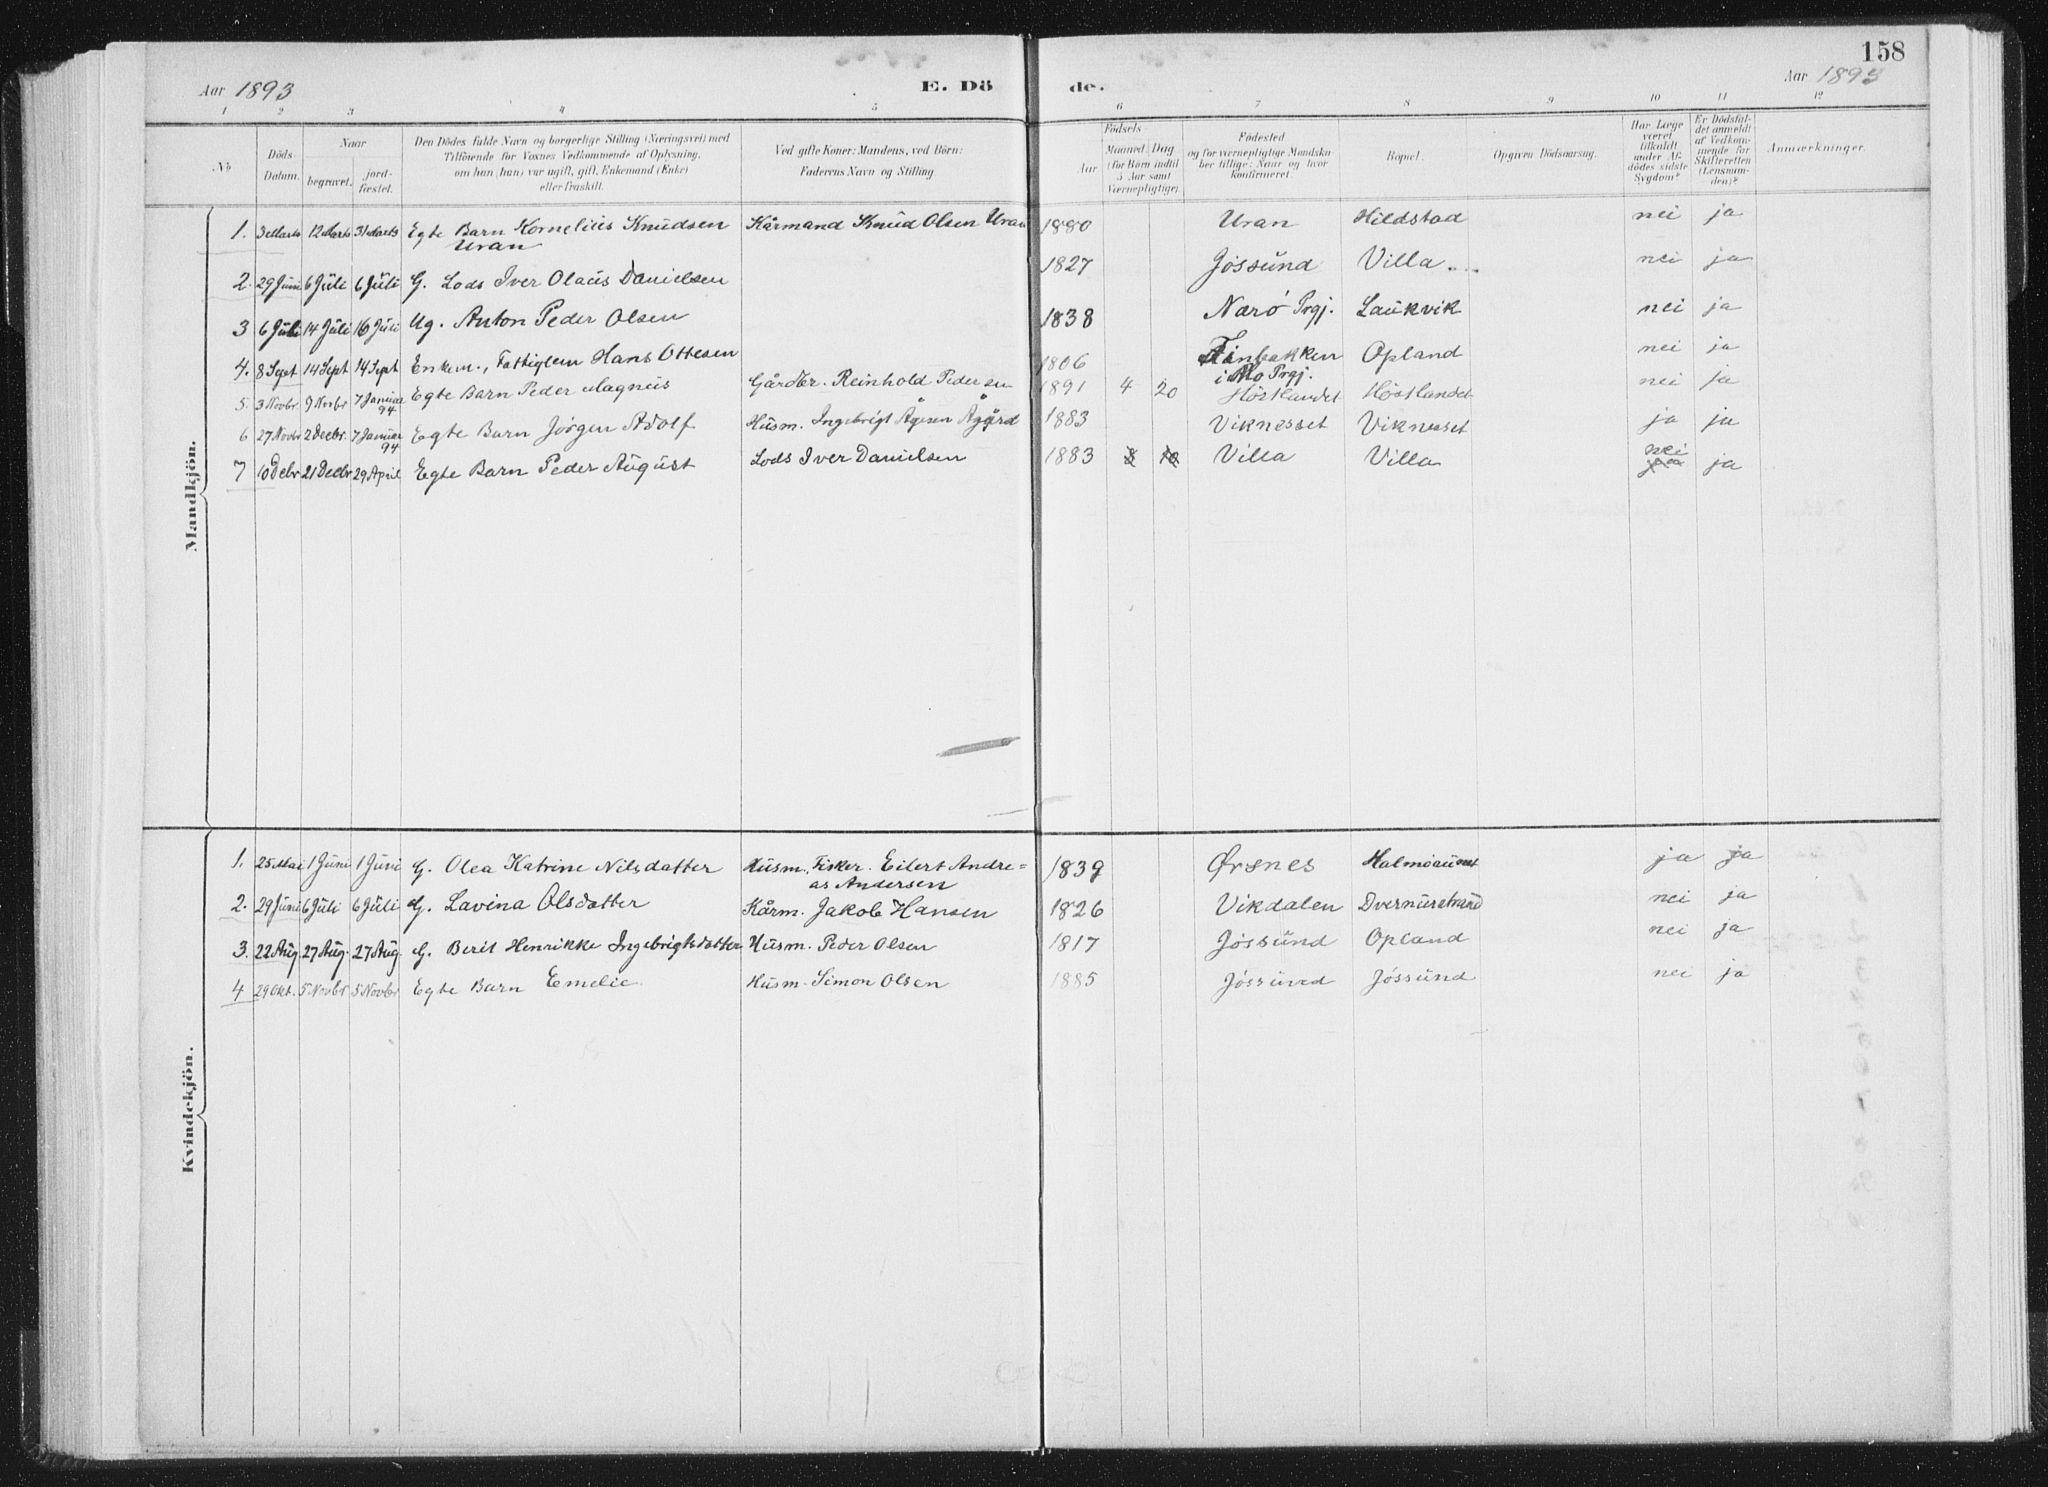 SAT, Ministerialprotokoller, klokkerbøker og fødselsregistre - Nord-Trøndelag, 771/L0597: Ministerialbok nr. 771A04, 1885-1910, s. 158